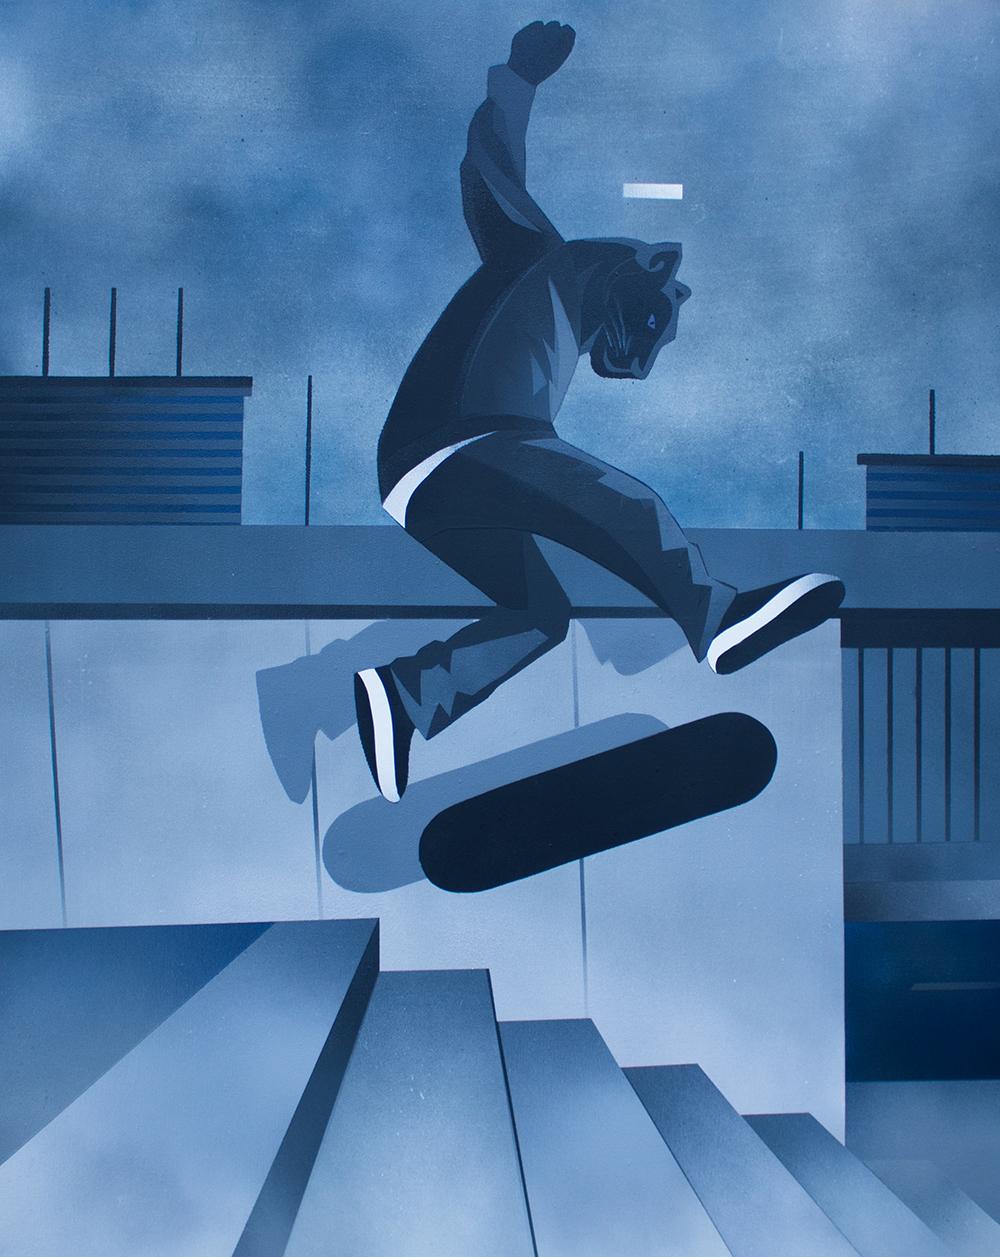 Panther Flip, 2020